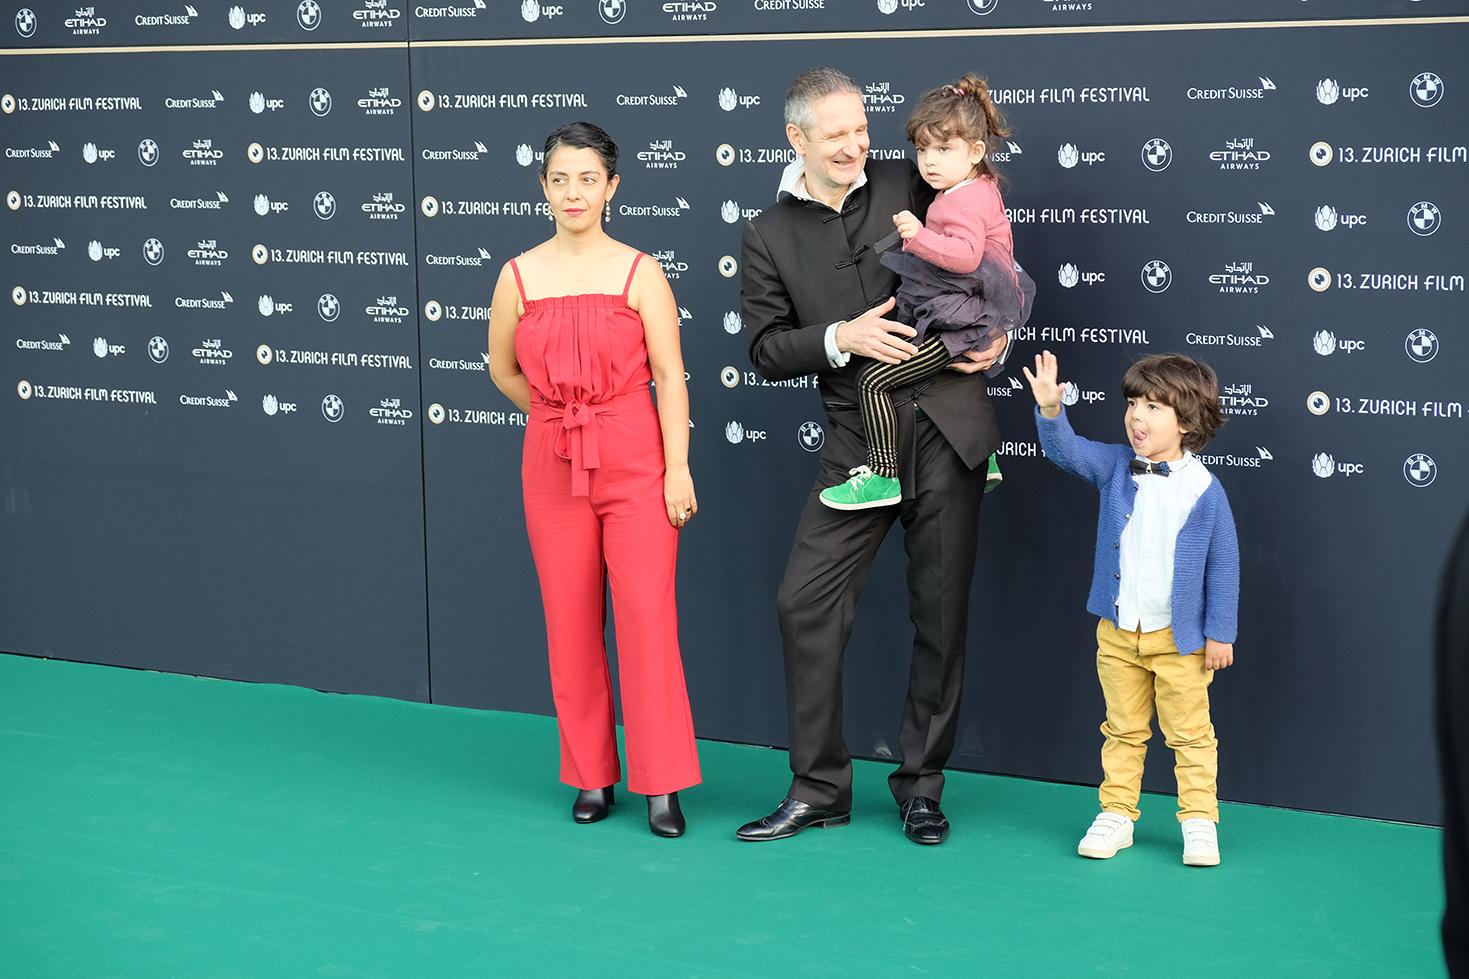 Die Gentrifizierung bin ich, Thomas Haemmerli, Premiere Zurich Film Festival Familie